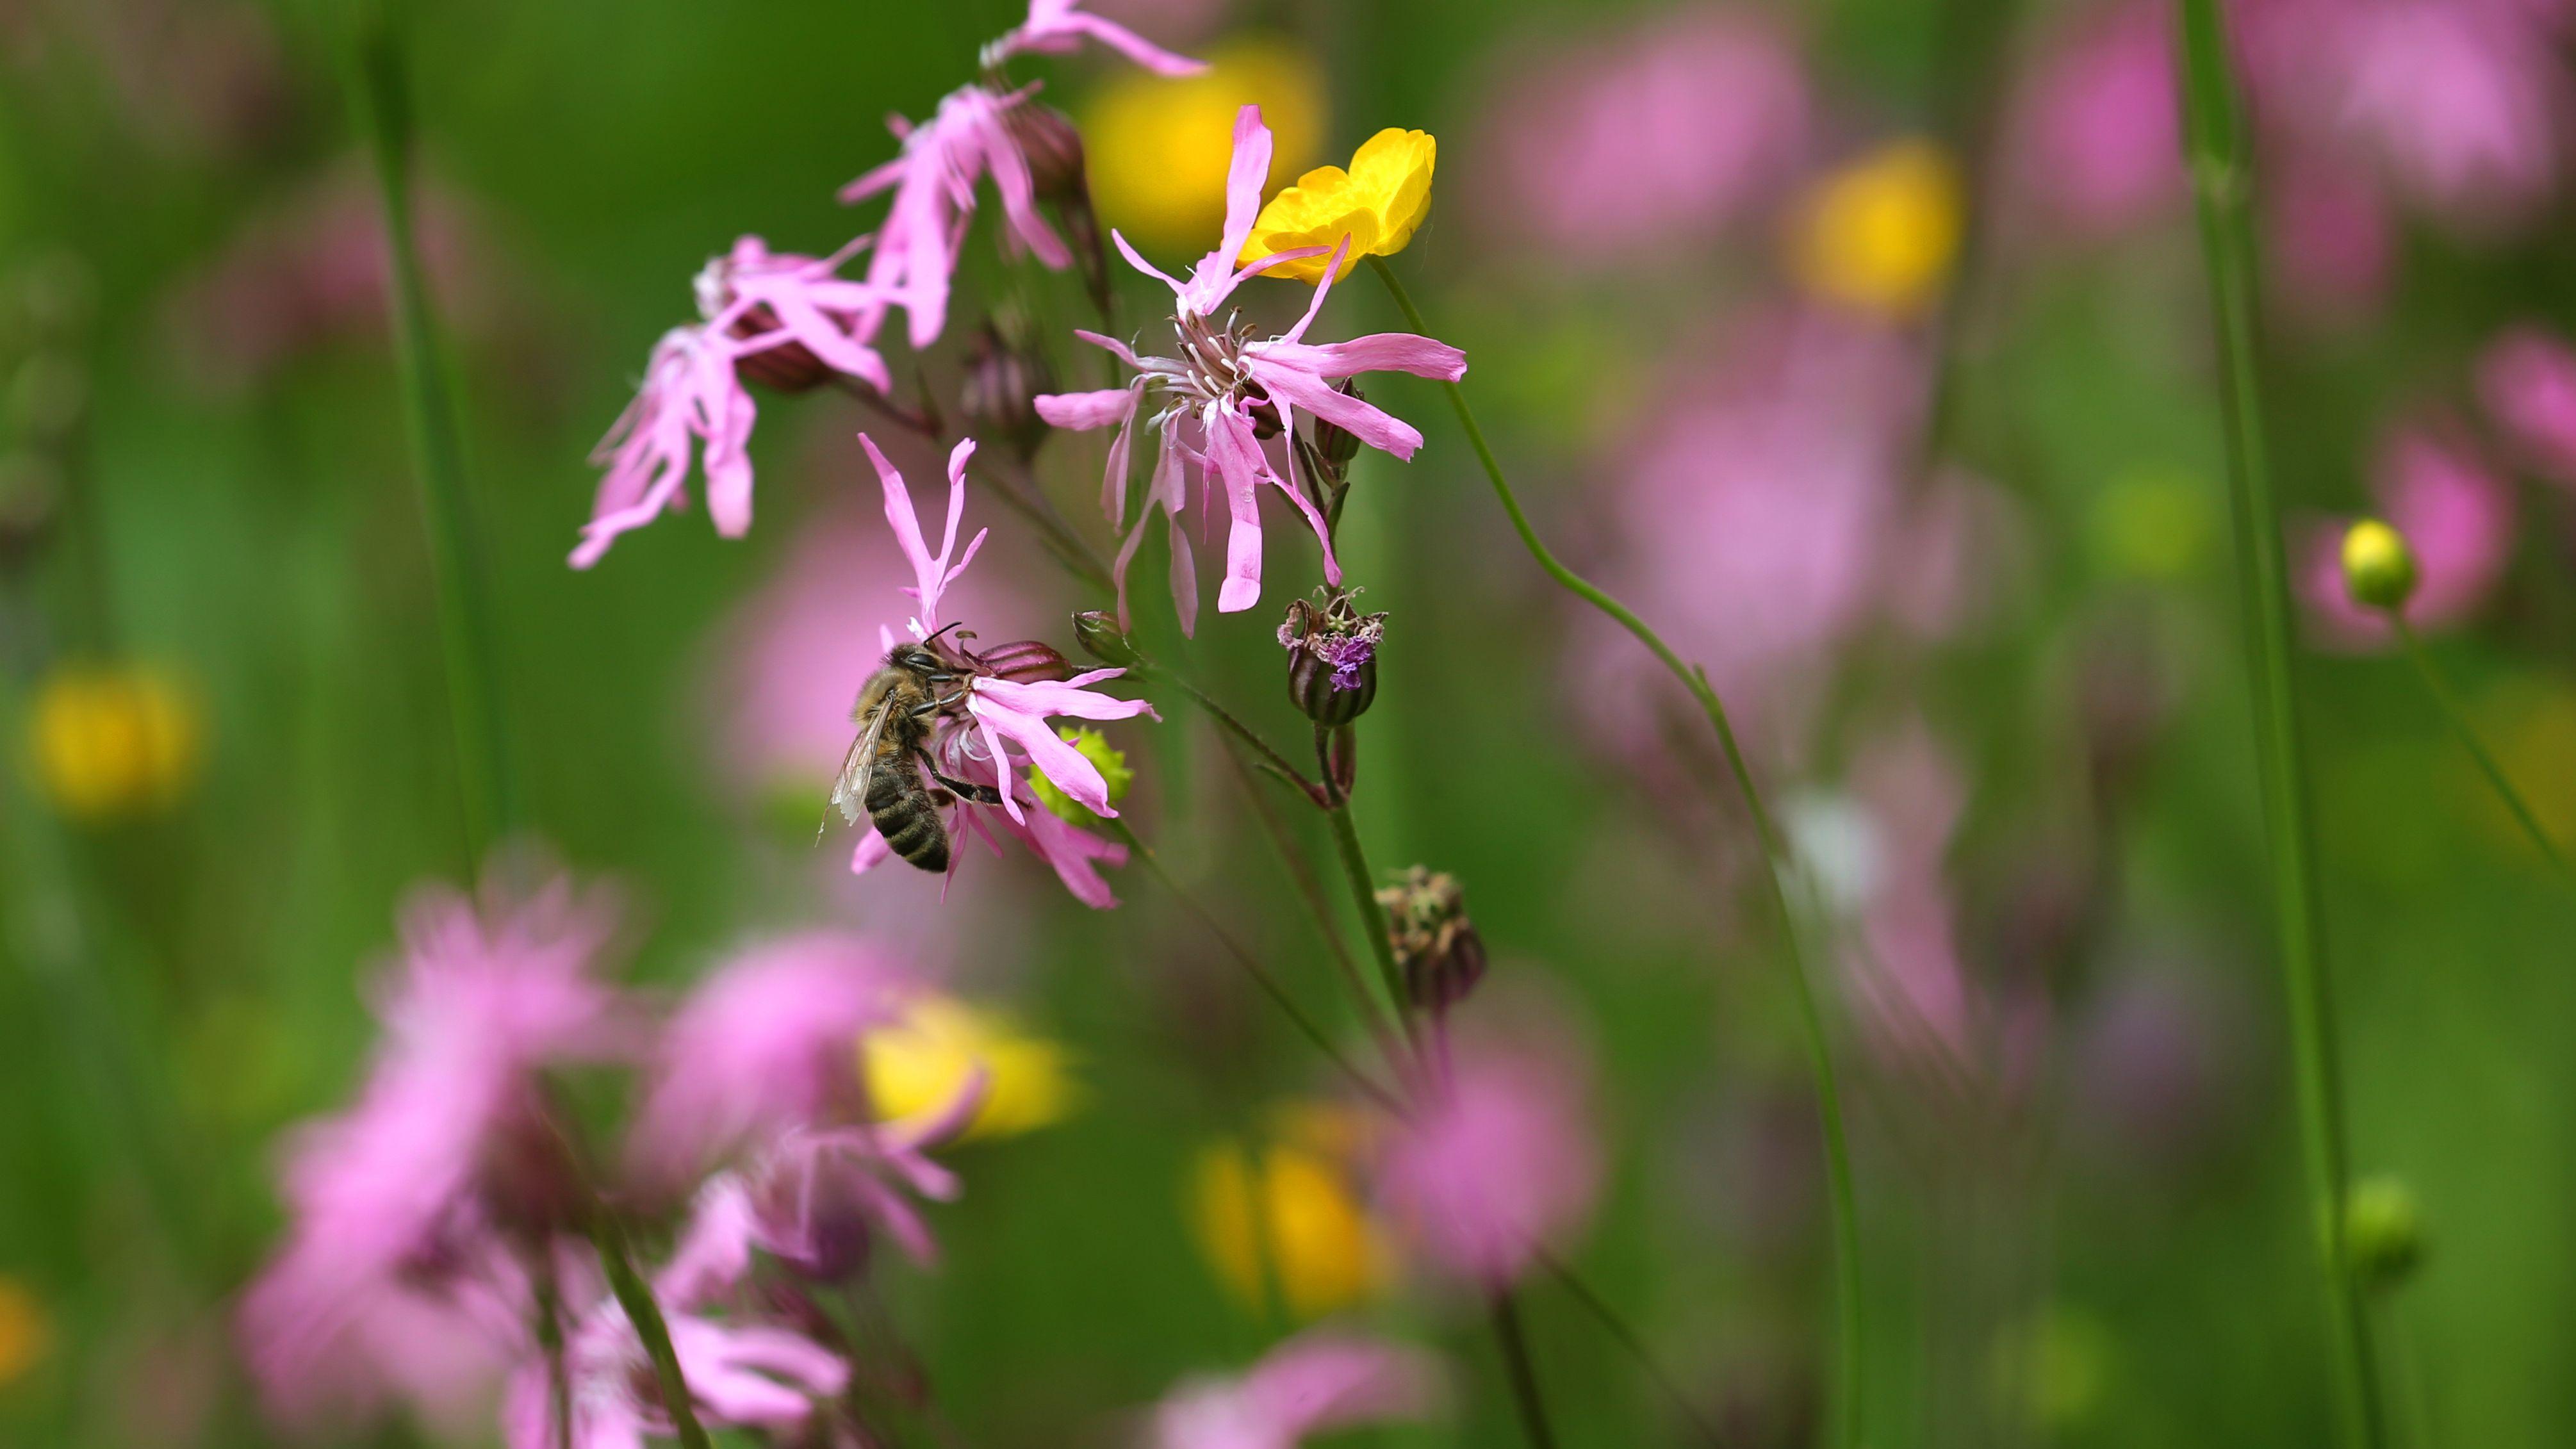 Eine Biene sitzt auf einer Blüte in einer Blumenwiese